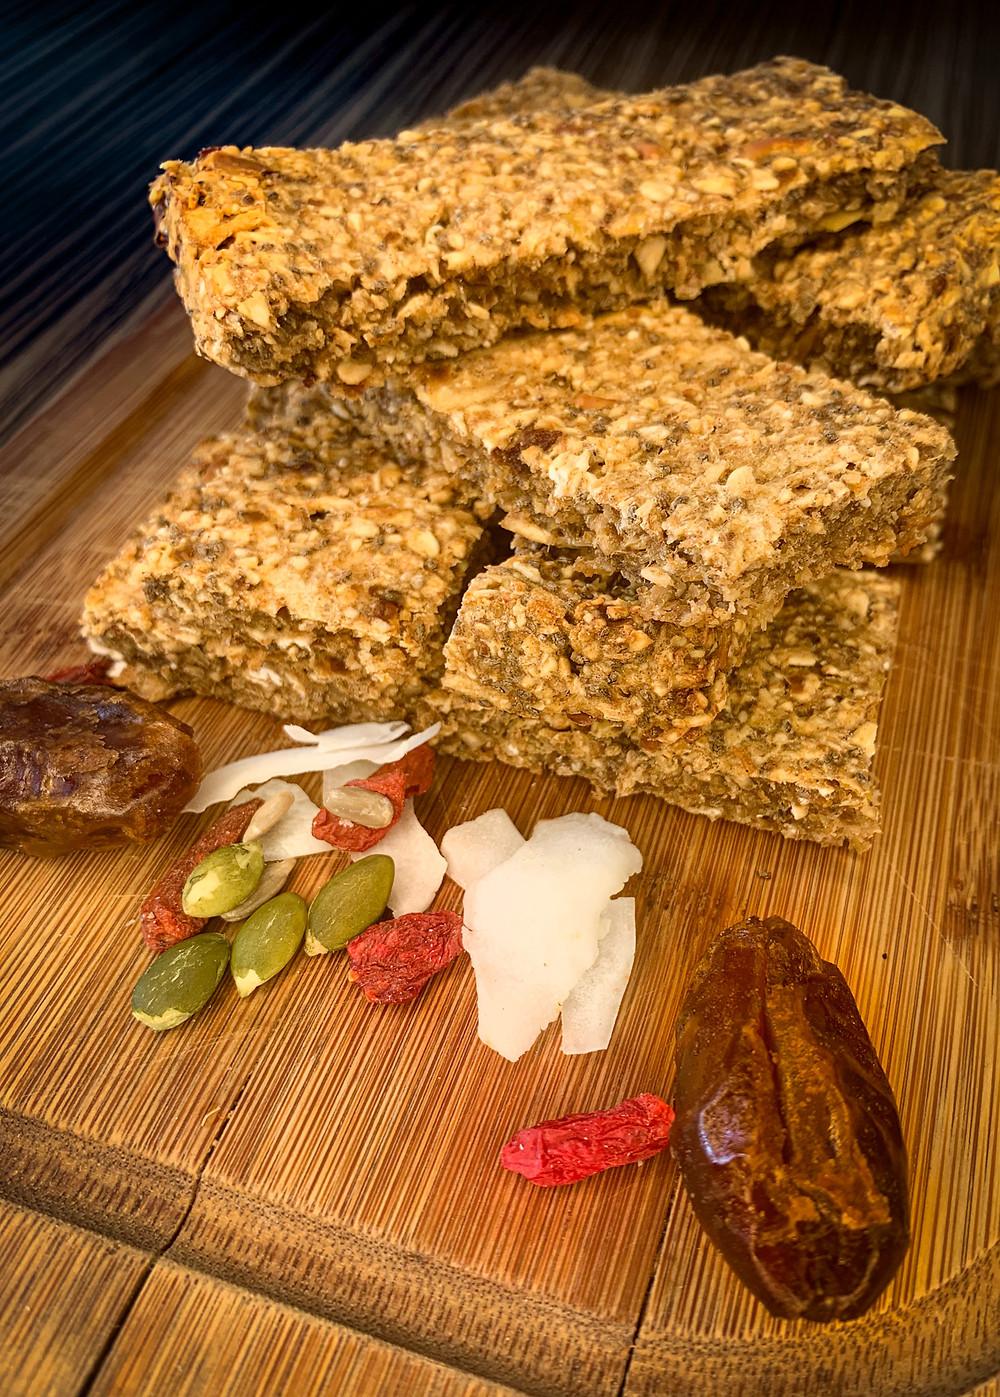 Barra de cereal: manzana y canela - Nutricionista Online Karina Herrera